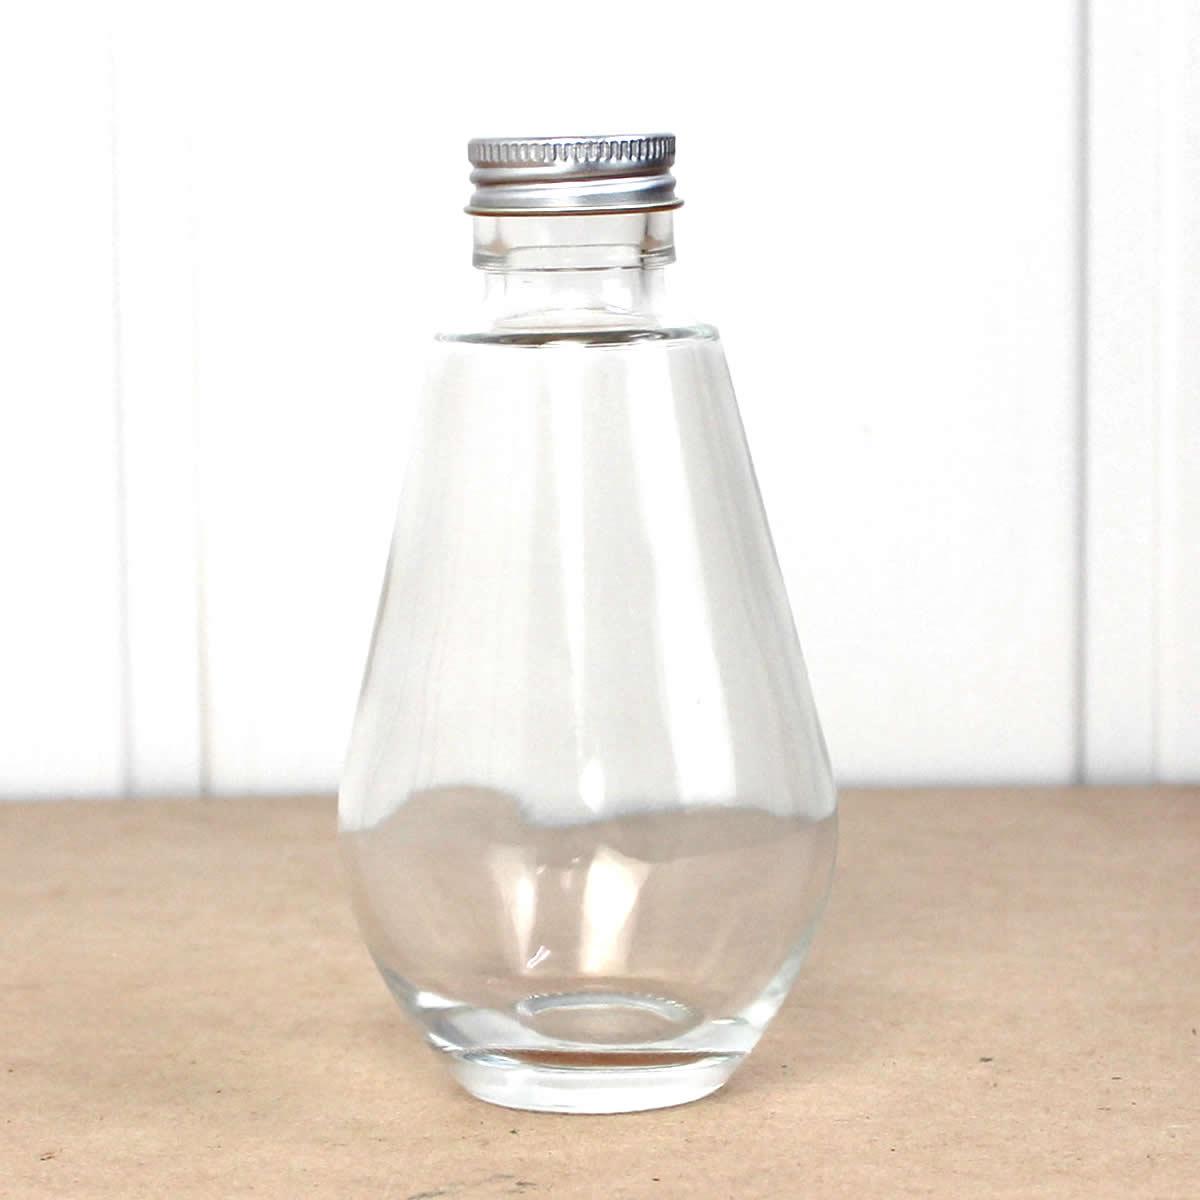 即日★ハーバリウム瓶(ドロップ) 200ml アルミ銀キャップ付【00】《花資材・道具 ハーバリウム材料 ハーバリウム オイル》